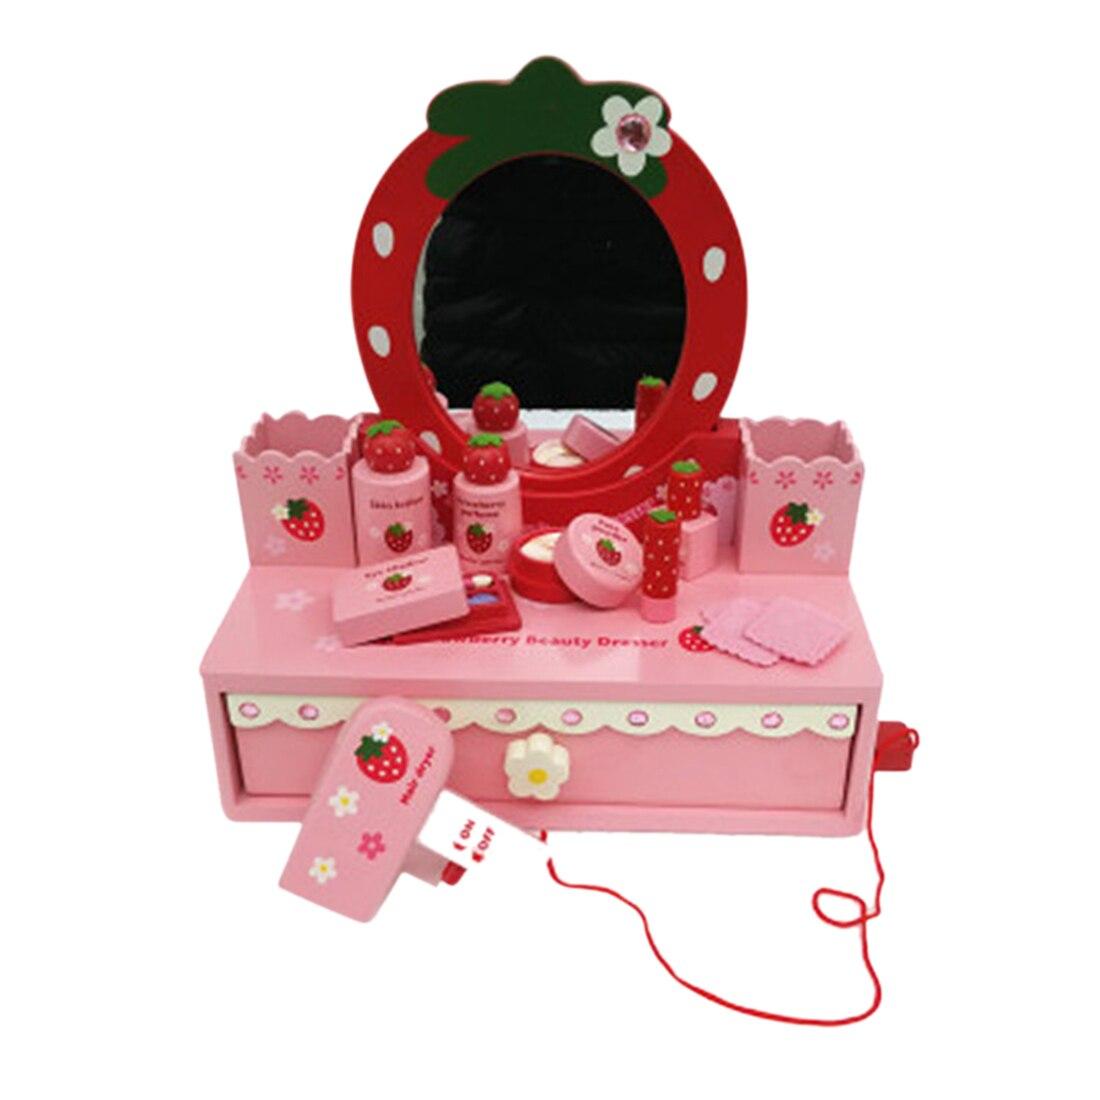 En bois semblant maquillage Playset jeu de rôle boite à bijoux beauté commode jouet cosmétiques ensemble jouet mignon jouer maison enfants cadeau-rouge rose